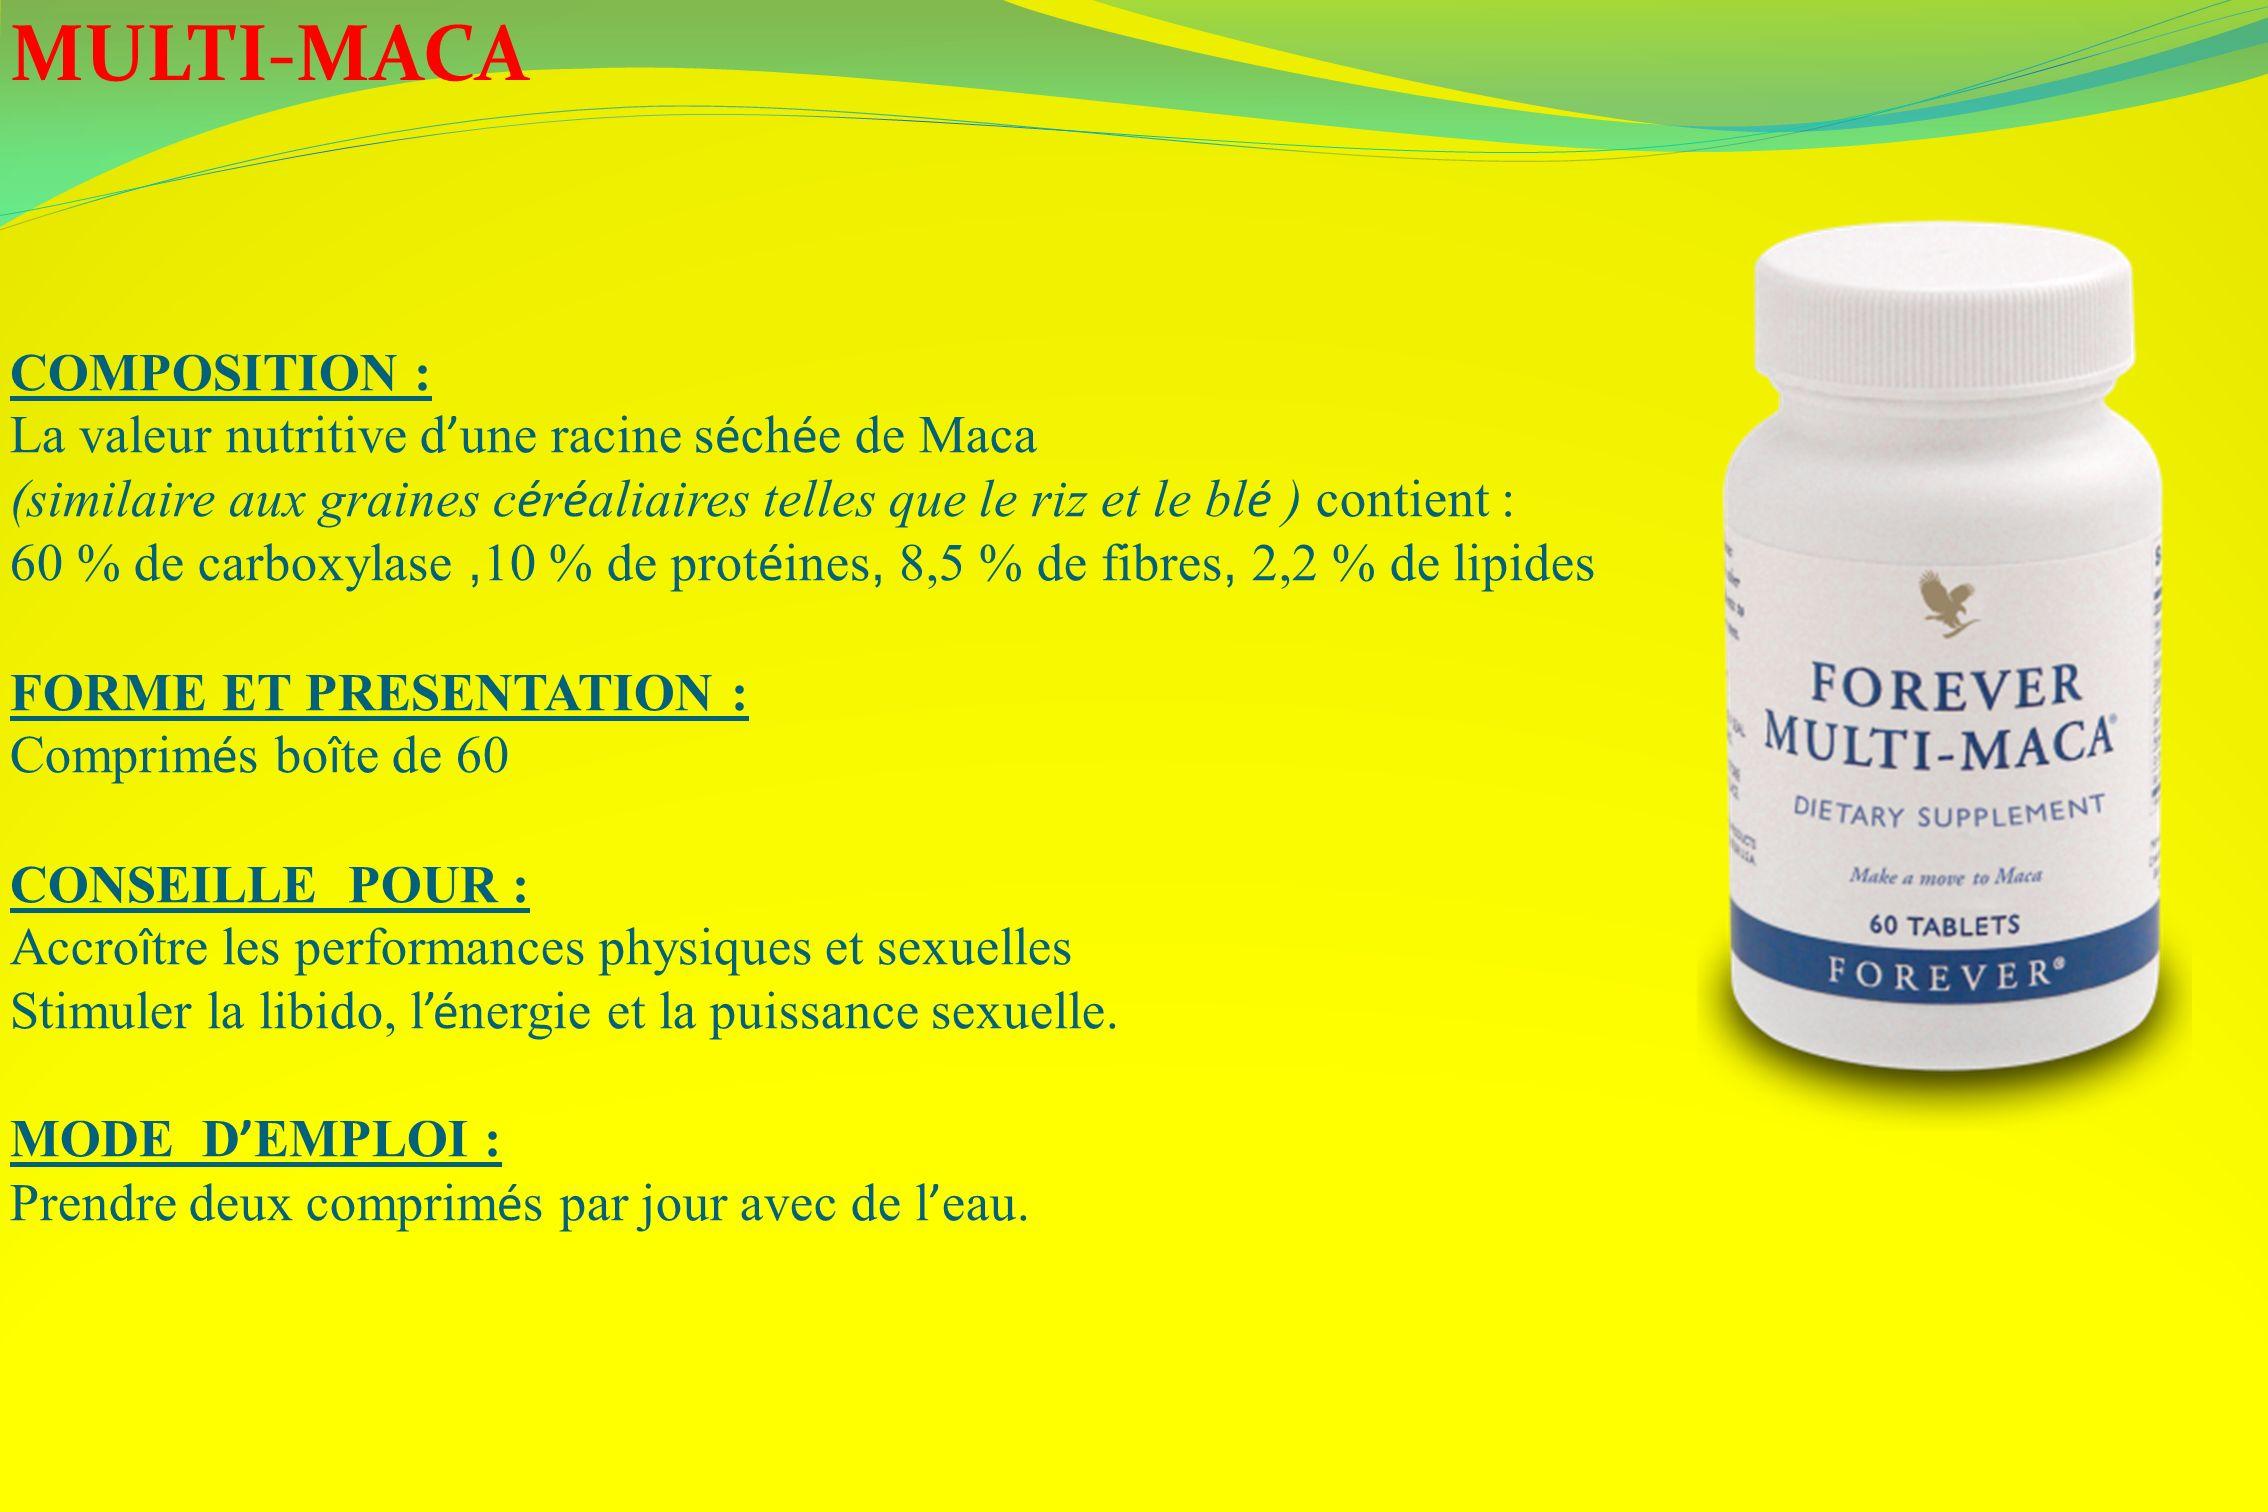 MULTI-MACA COMPOSITION : La valeur nutritive d une racine s é ch é e de Maca (similaire aux graines c é r é aliaires telles que le riz et le bl é ) co